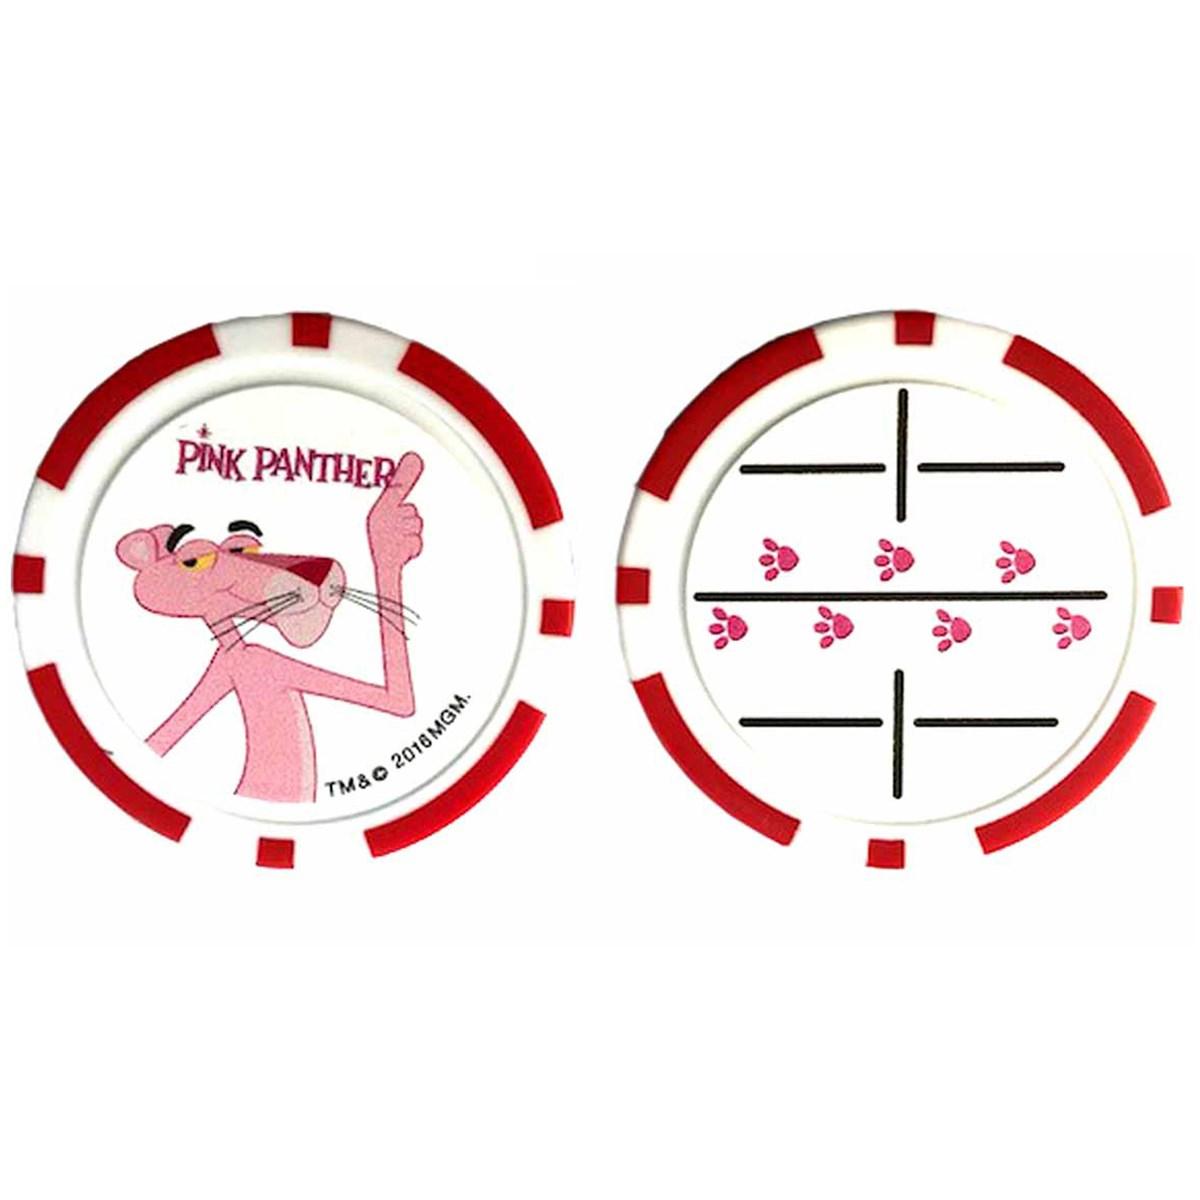 ライト ピンクパンサー ゴルフチップマーカー